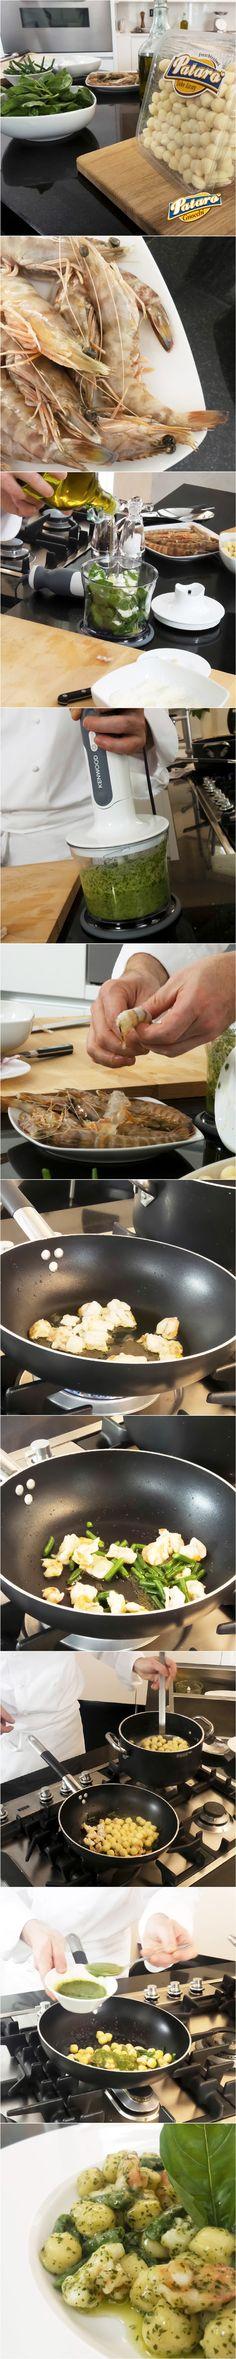 Gustosi gnocchetti di patate al Pesto Leggero, Fagiolini e Gamberi. Clicca per scoprire la videoricetta dello chef Stefano Cerveni. Buon appetito! #ricetta #gnocchi #patarognocchi